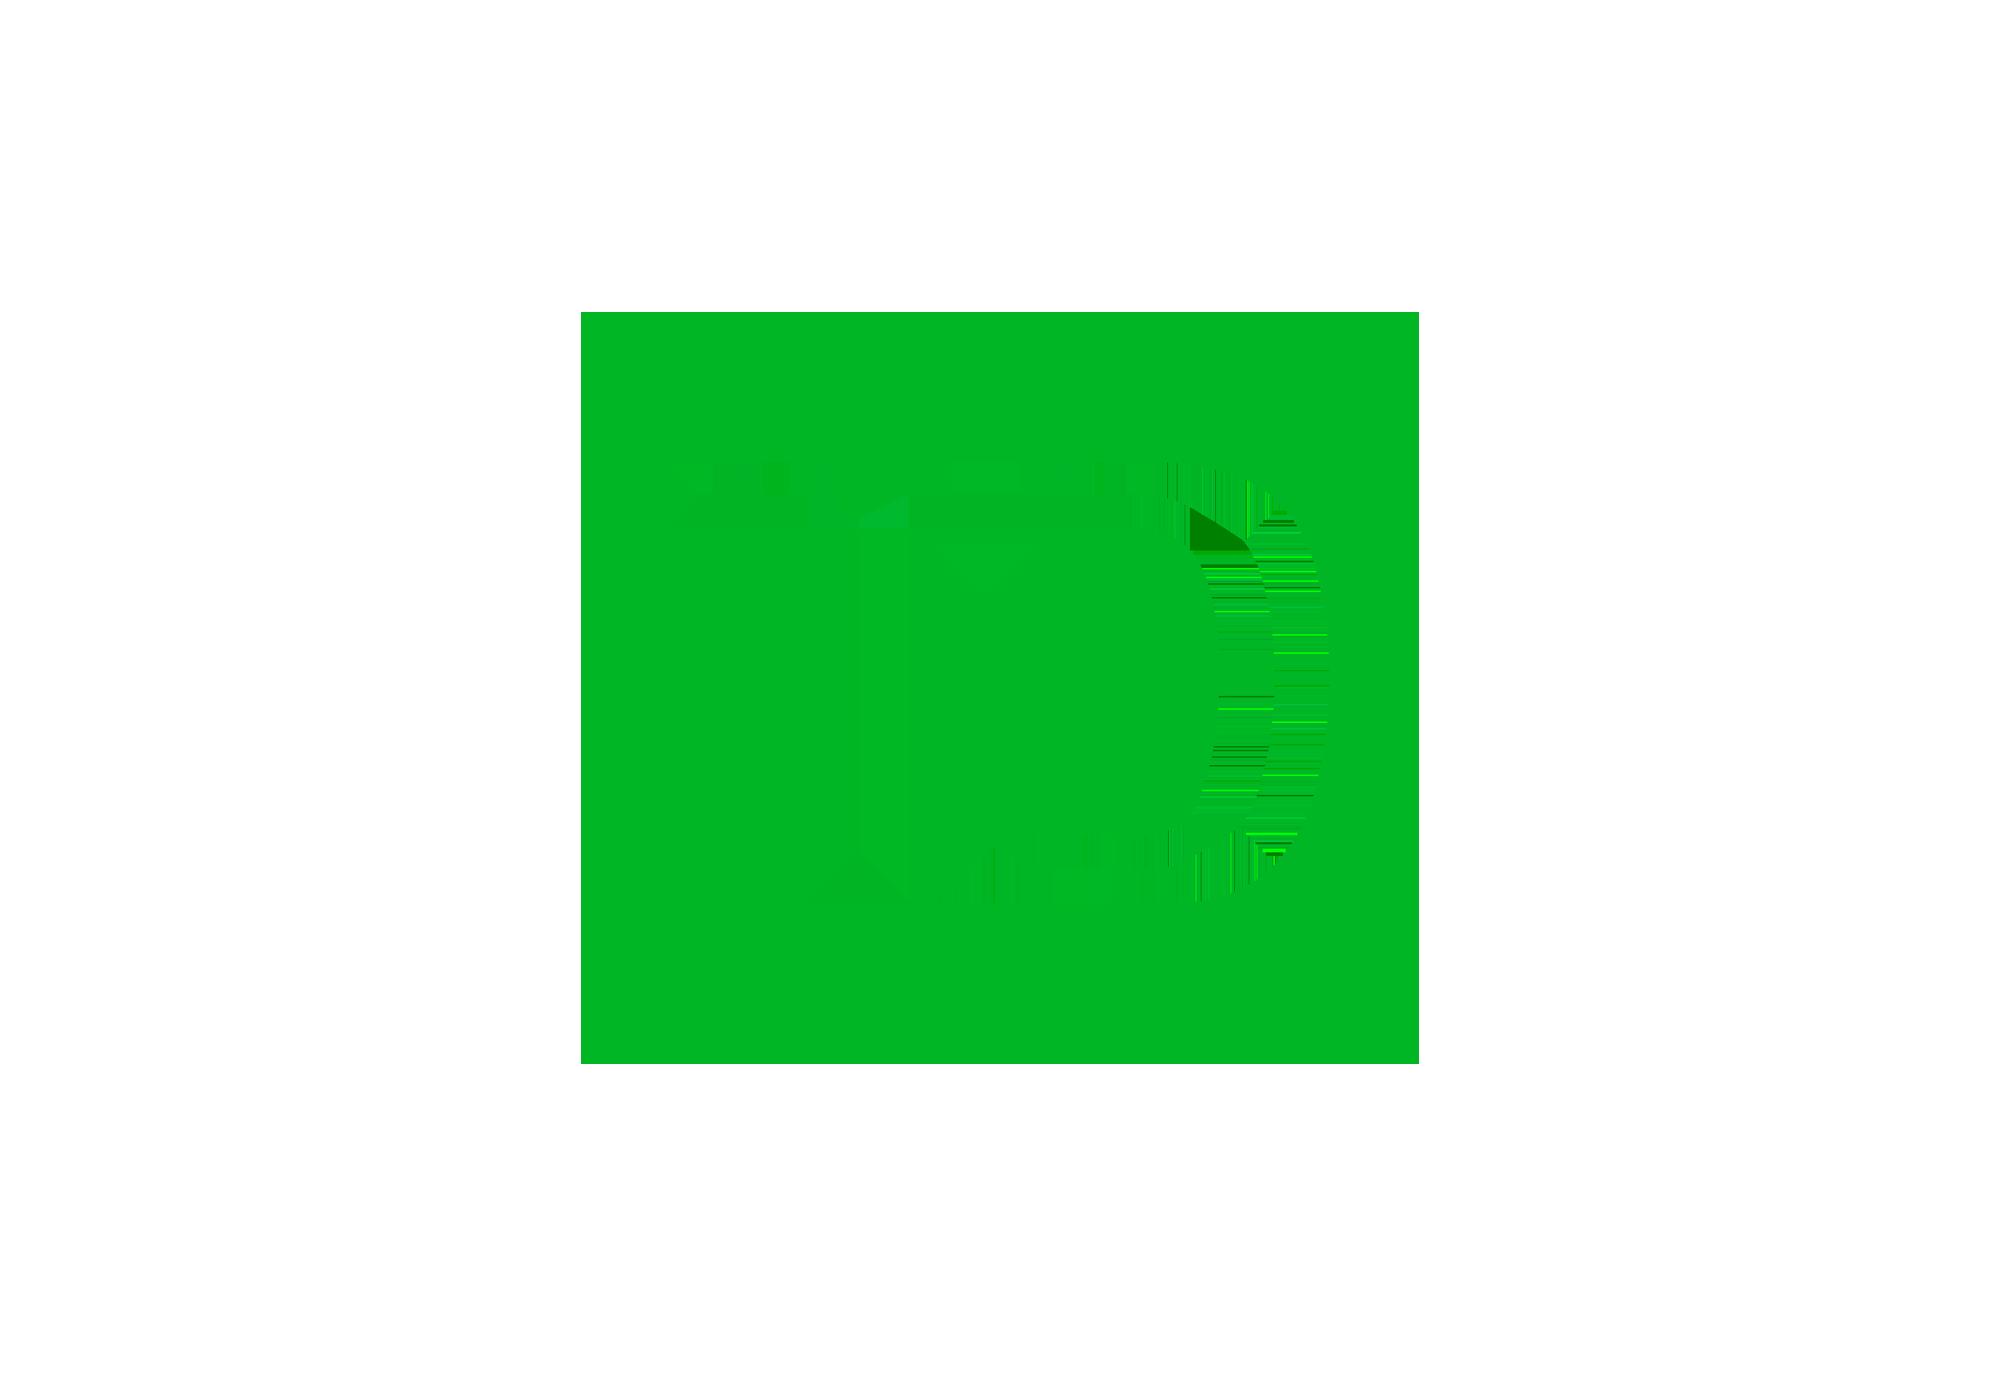 TD Ameritrade logo.